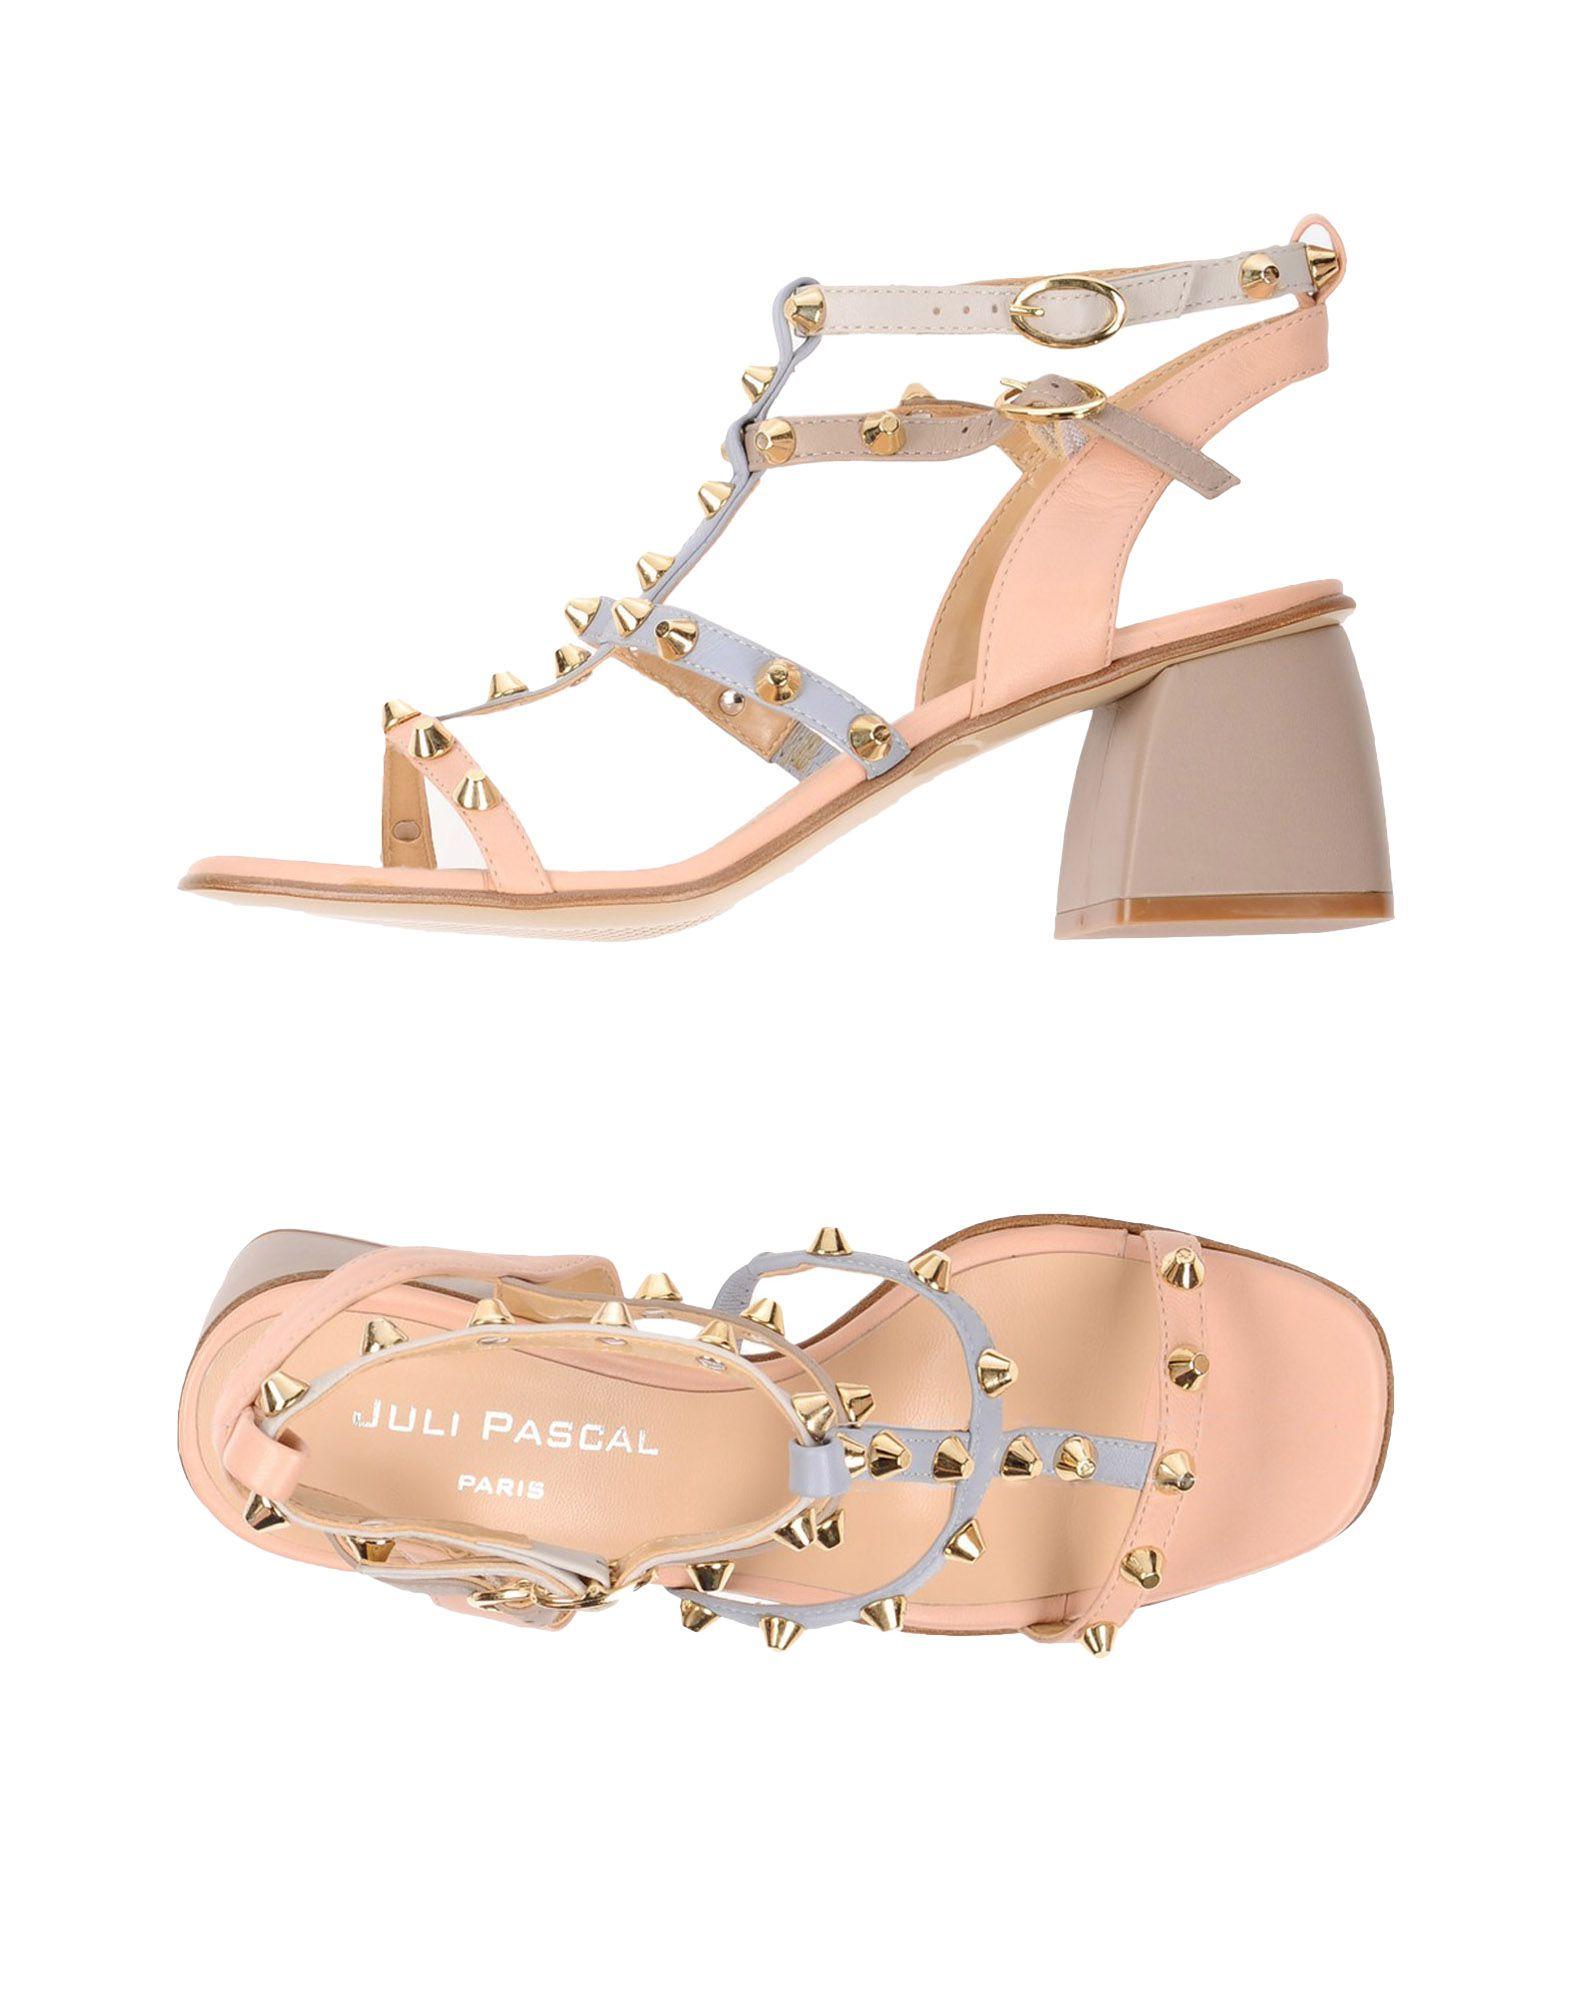 Juli Pascal Paris Sandalen Damen  11436939JU Gute Qualität beliebte Schuhe